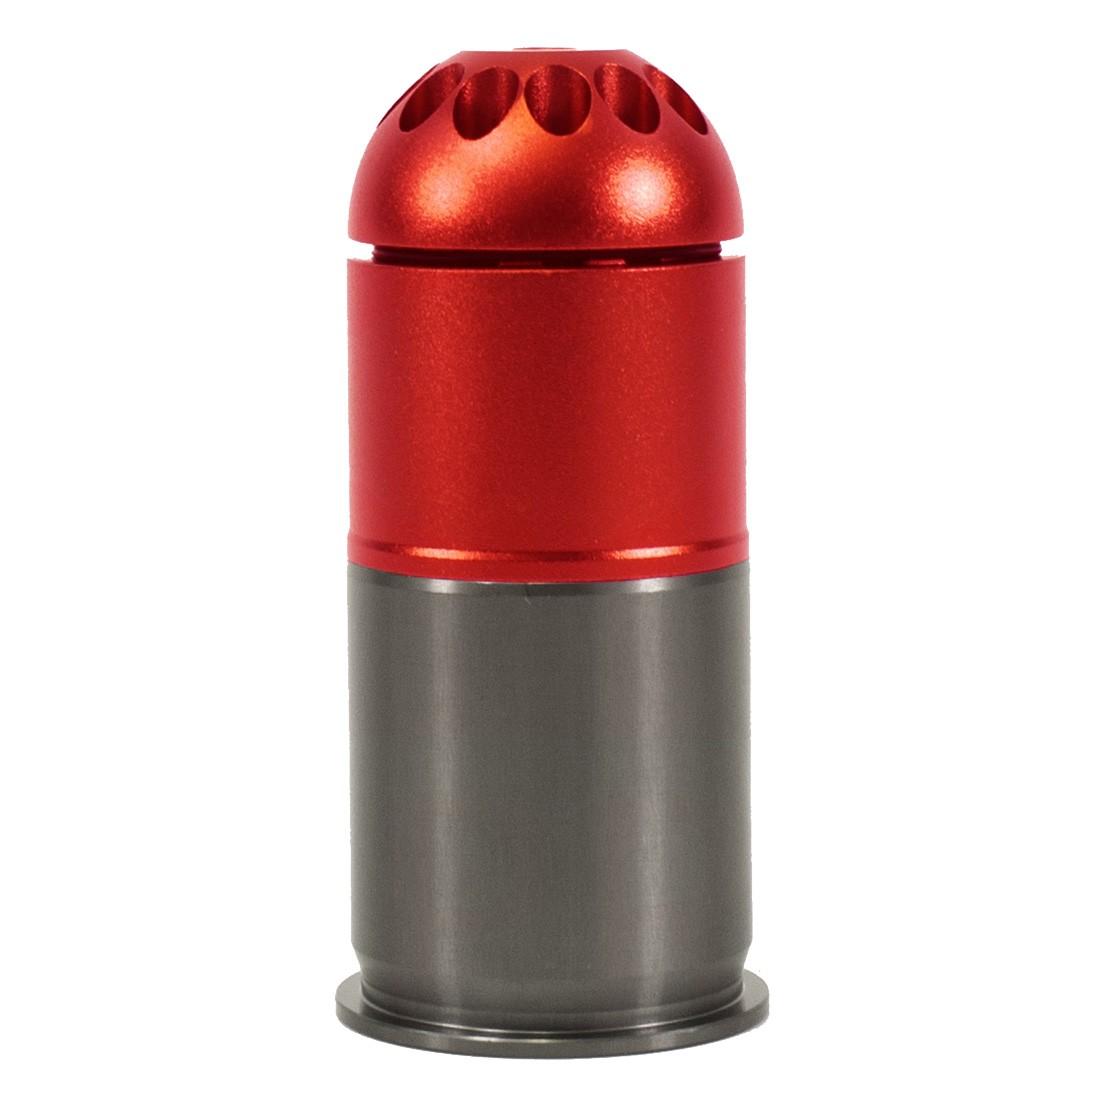 Nuprol 40mm Shower Grenade - 96rnds